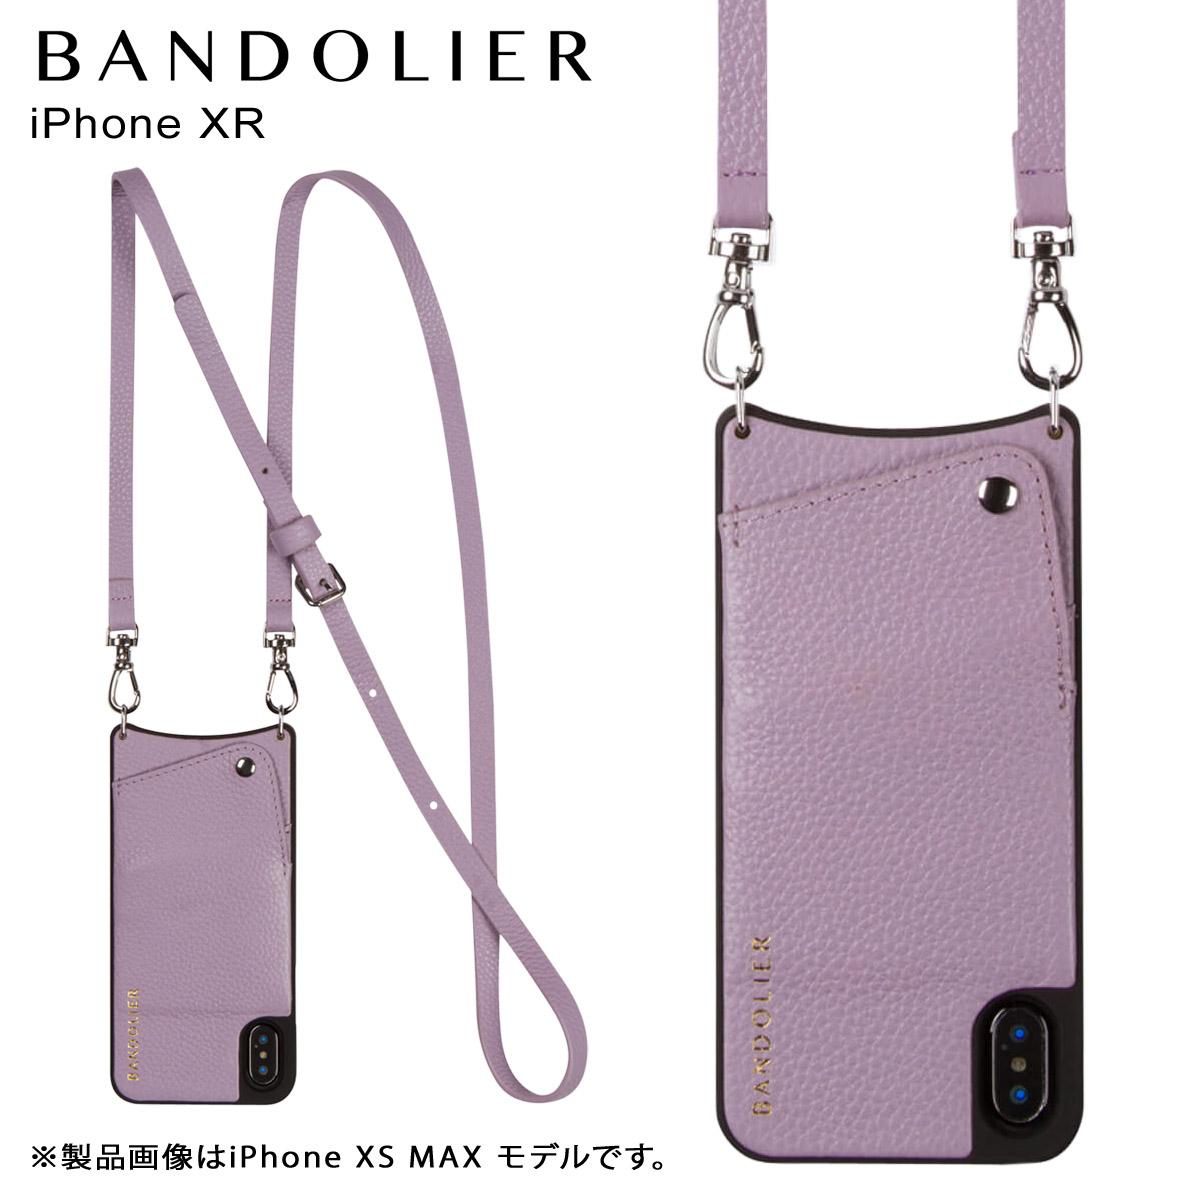 BANDOLIER バンドリヤー iPhone XR ケース ショルダー スマホ アイフォン レザー EMMA LILAC メンズ レディース ライラック 10EMM1001 [4/18 再入荷]